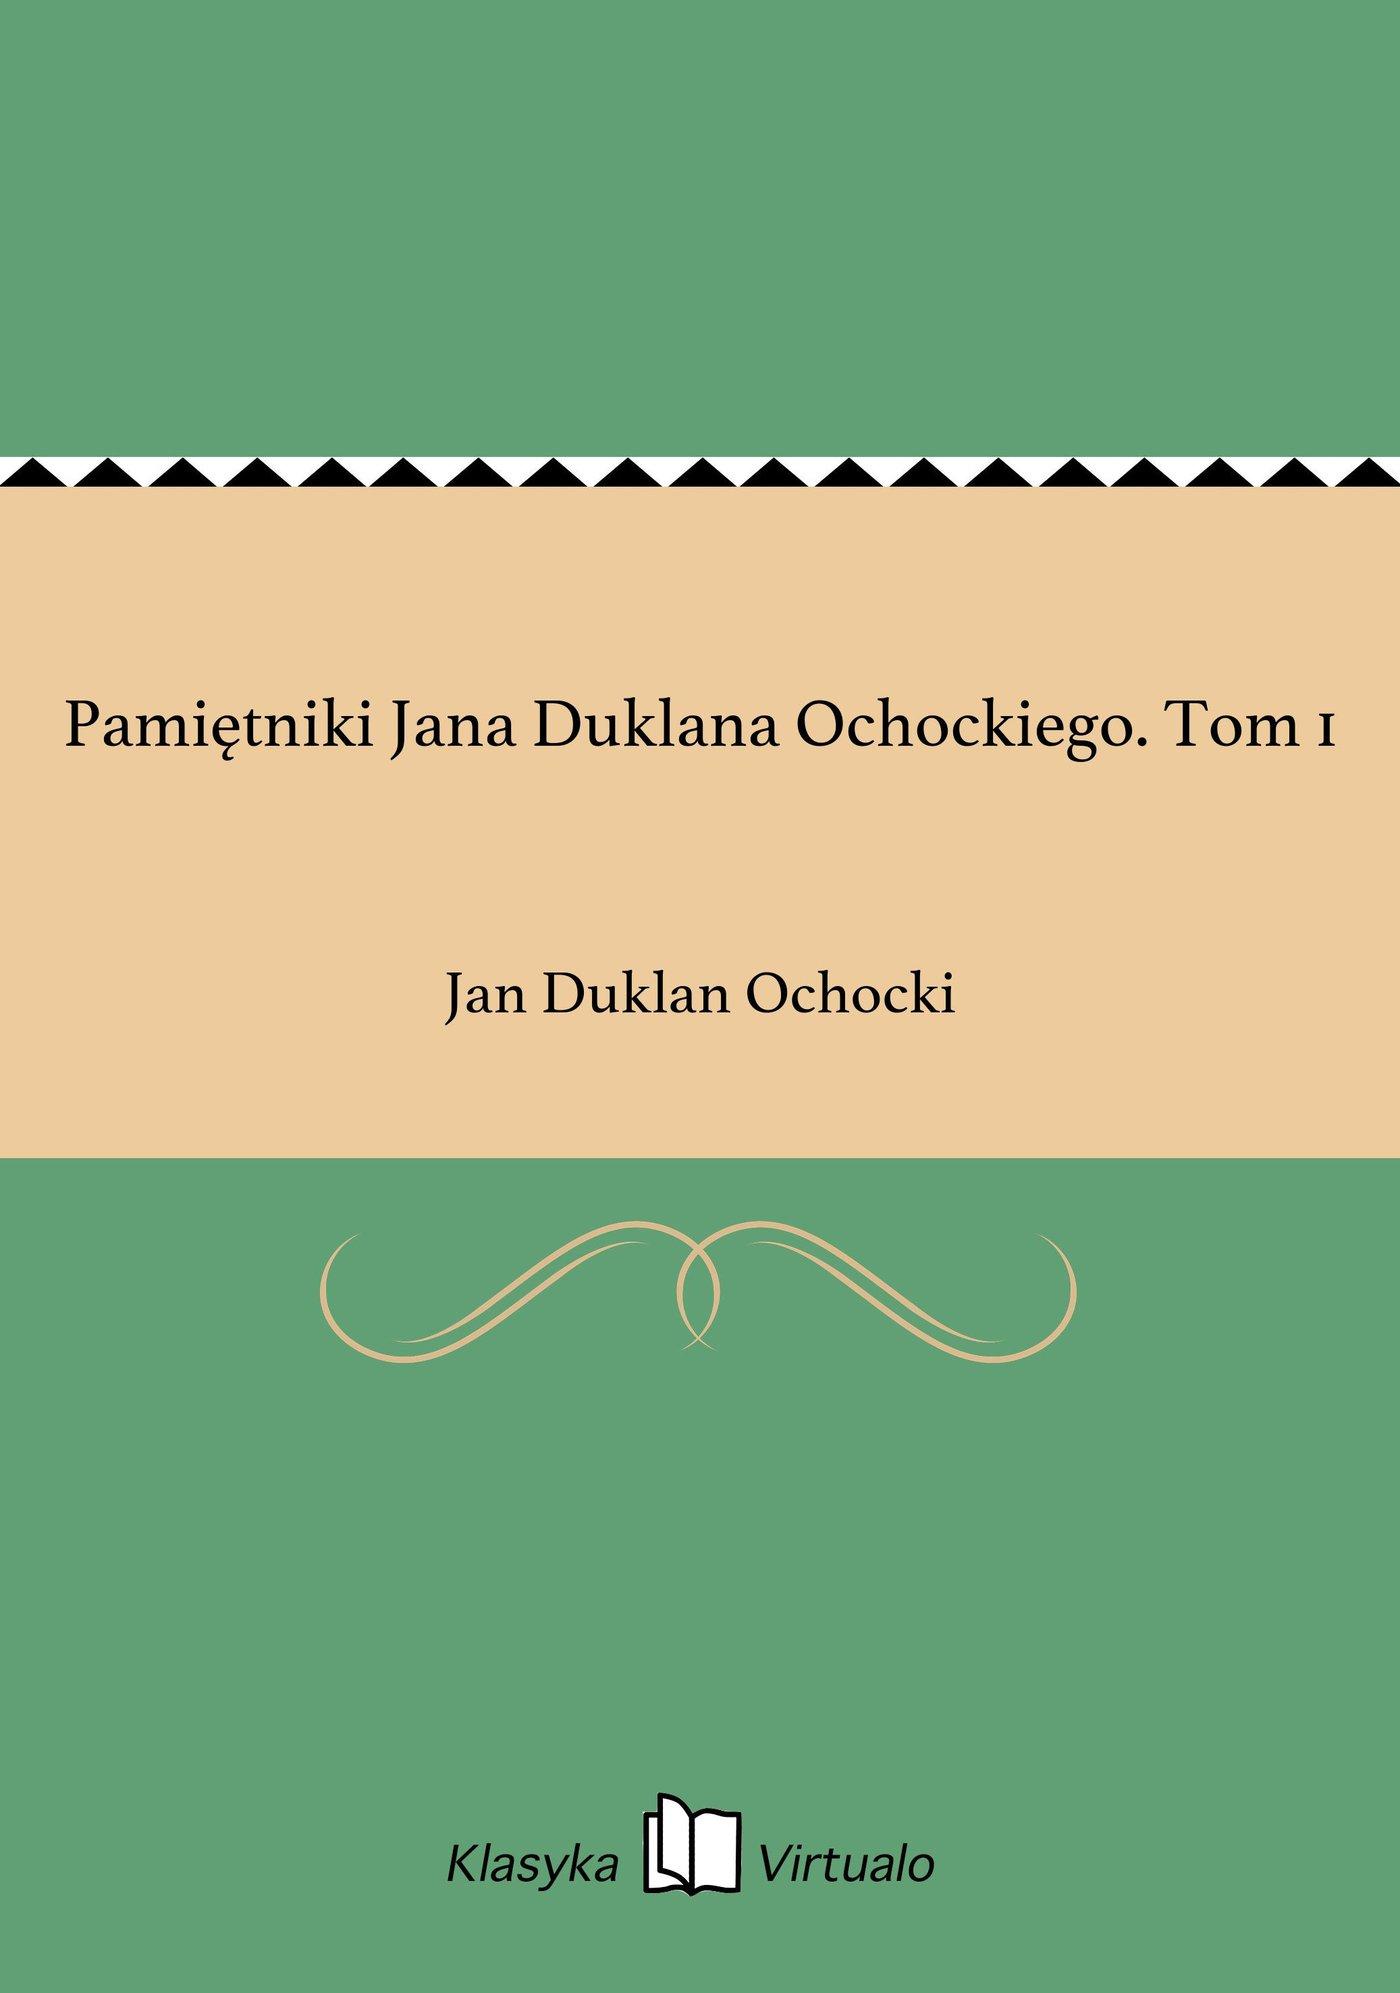 Pamiętniki Jana Duklana Ochockiego. Tom 1 - Ebook (Książka EPUB) do pobrania w formacie EPUB